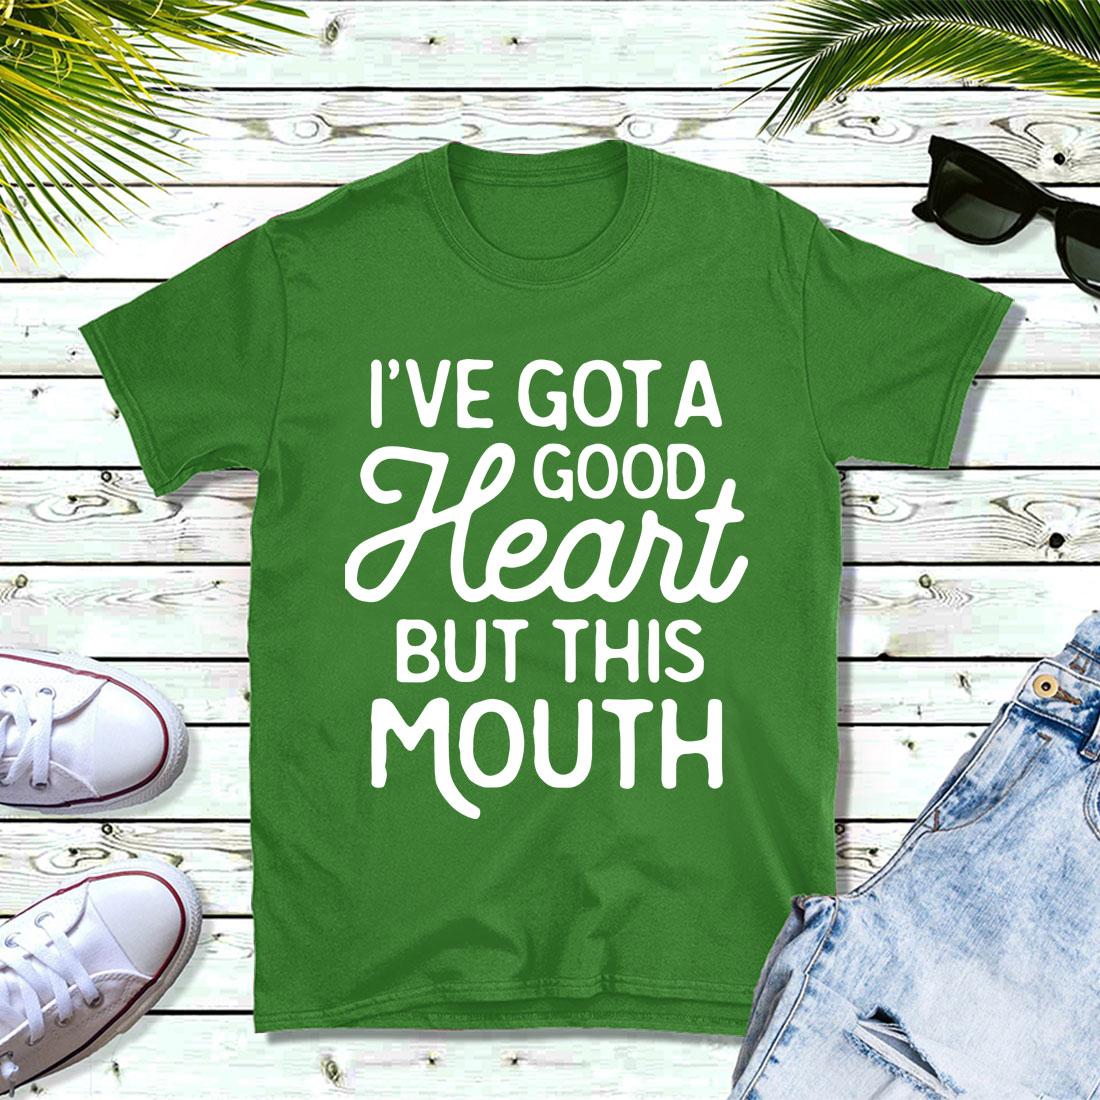 I've got a good Heart but this mouth shirt